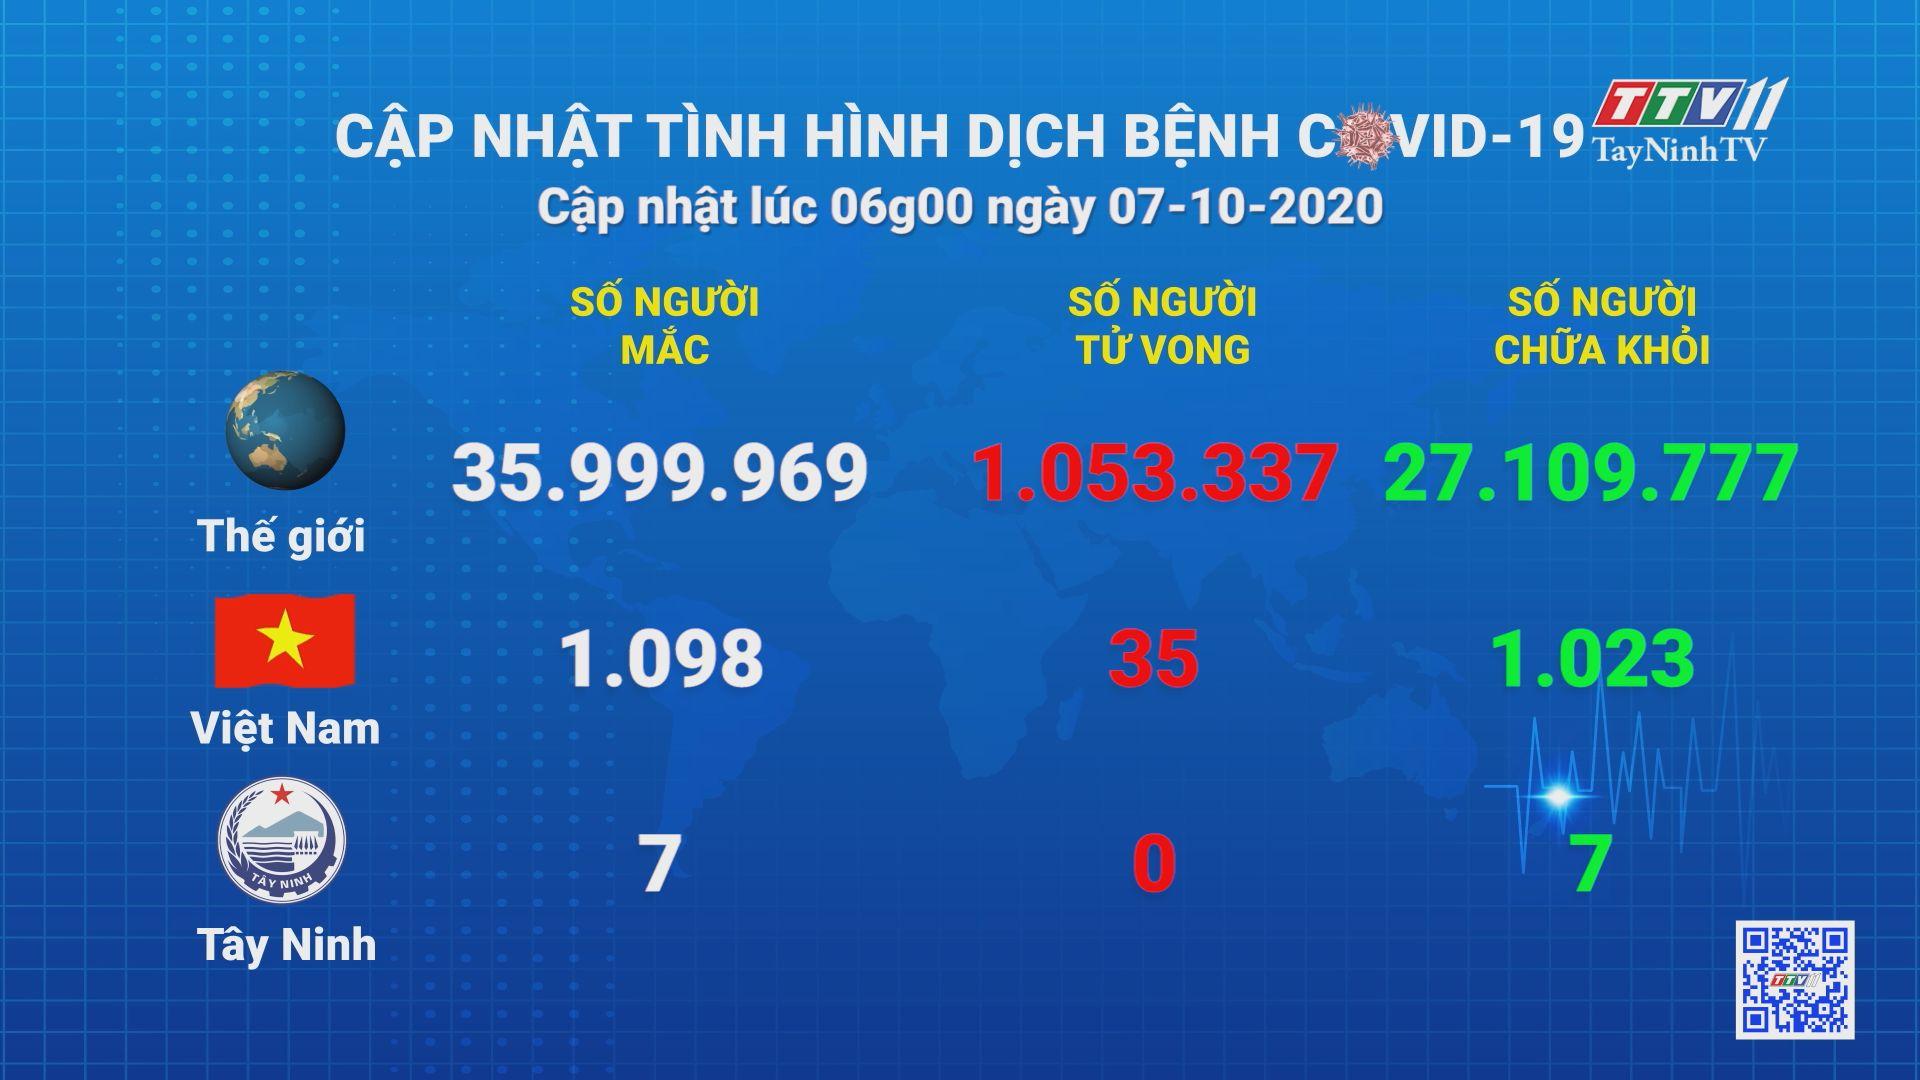 Cập nhật tình hình Covid-19 vào lúc 06 giờ 07-10-2020 | Thông tin dịch Covid-19 | TayNinhTV